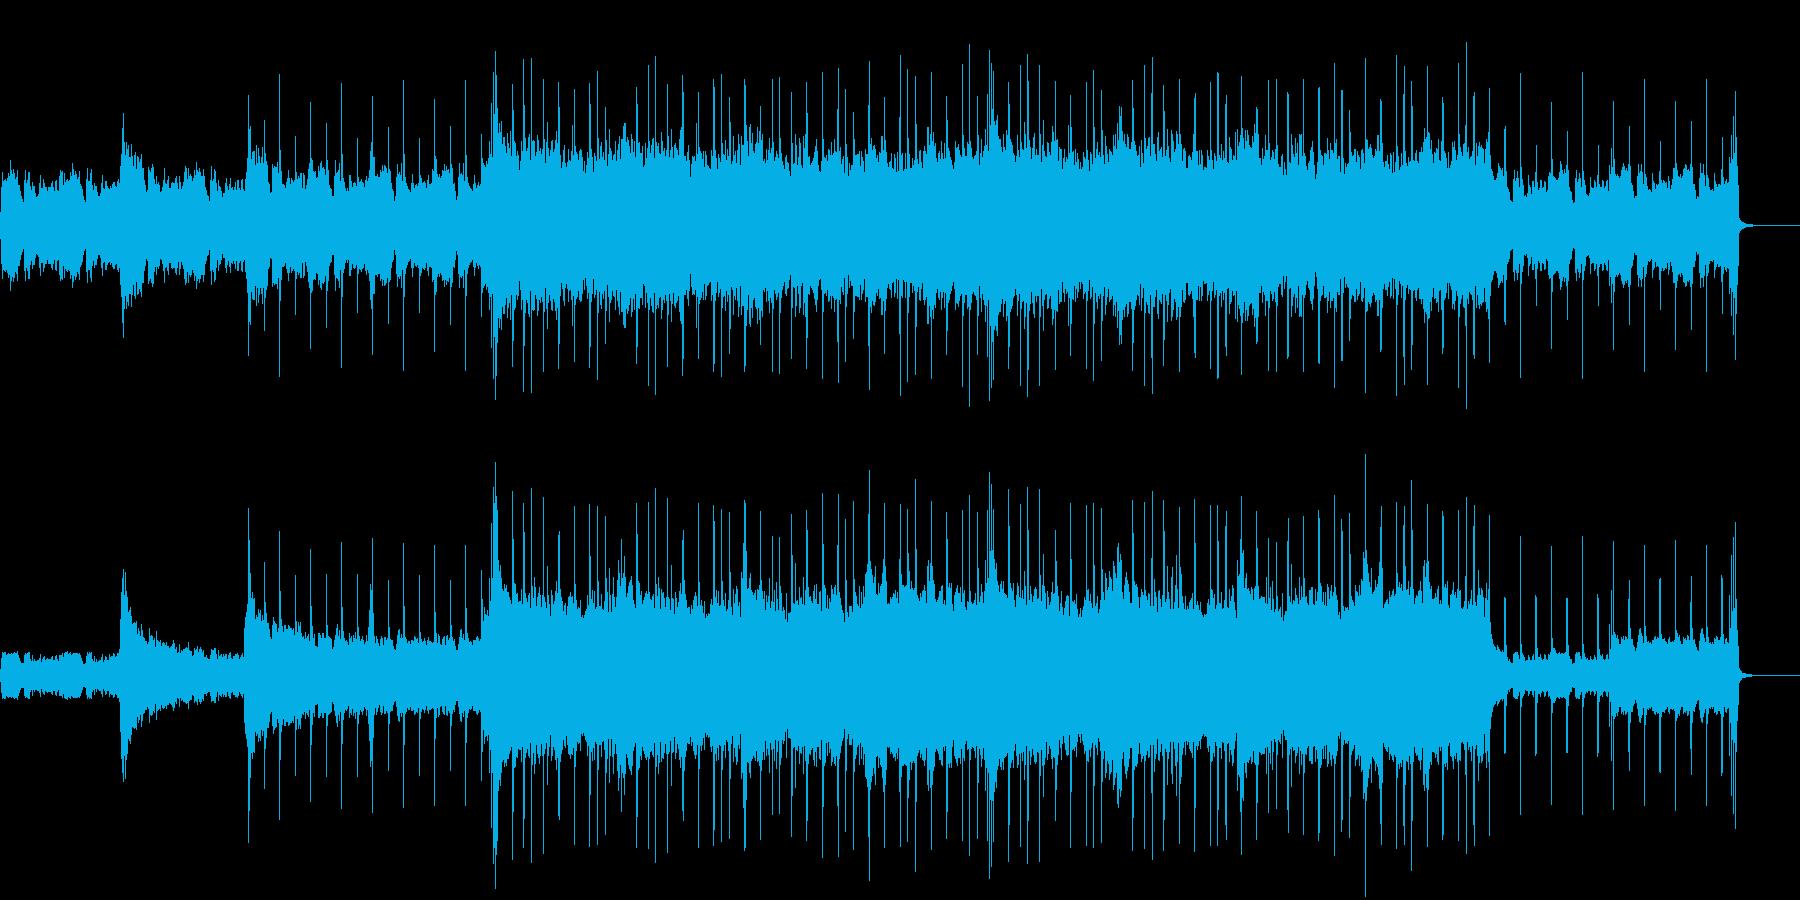 ギターとストリングスの力強い楽曲の再生済みの波形